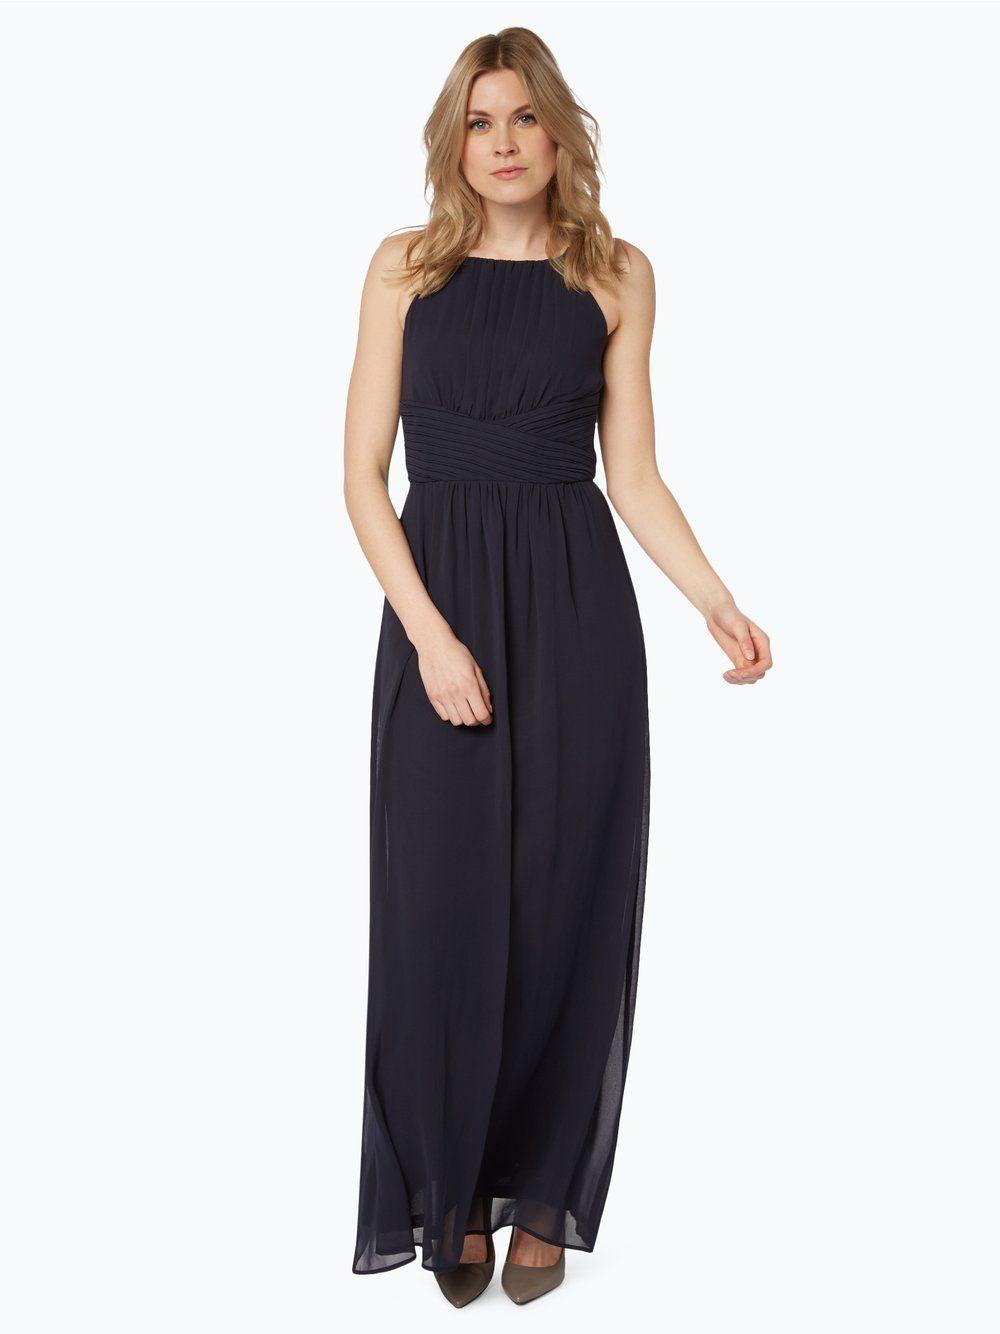 17 Top Esprit Abend Kleid Design15 Schön Esprit Abend Kleid Boutique